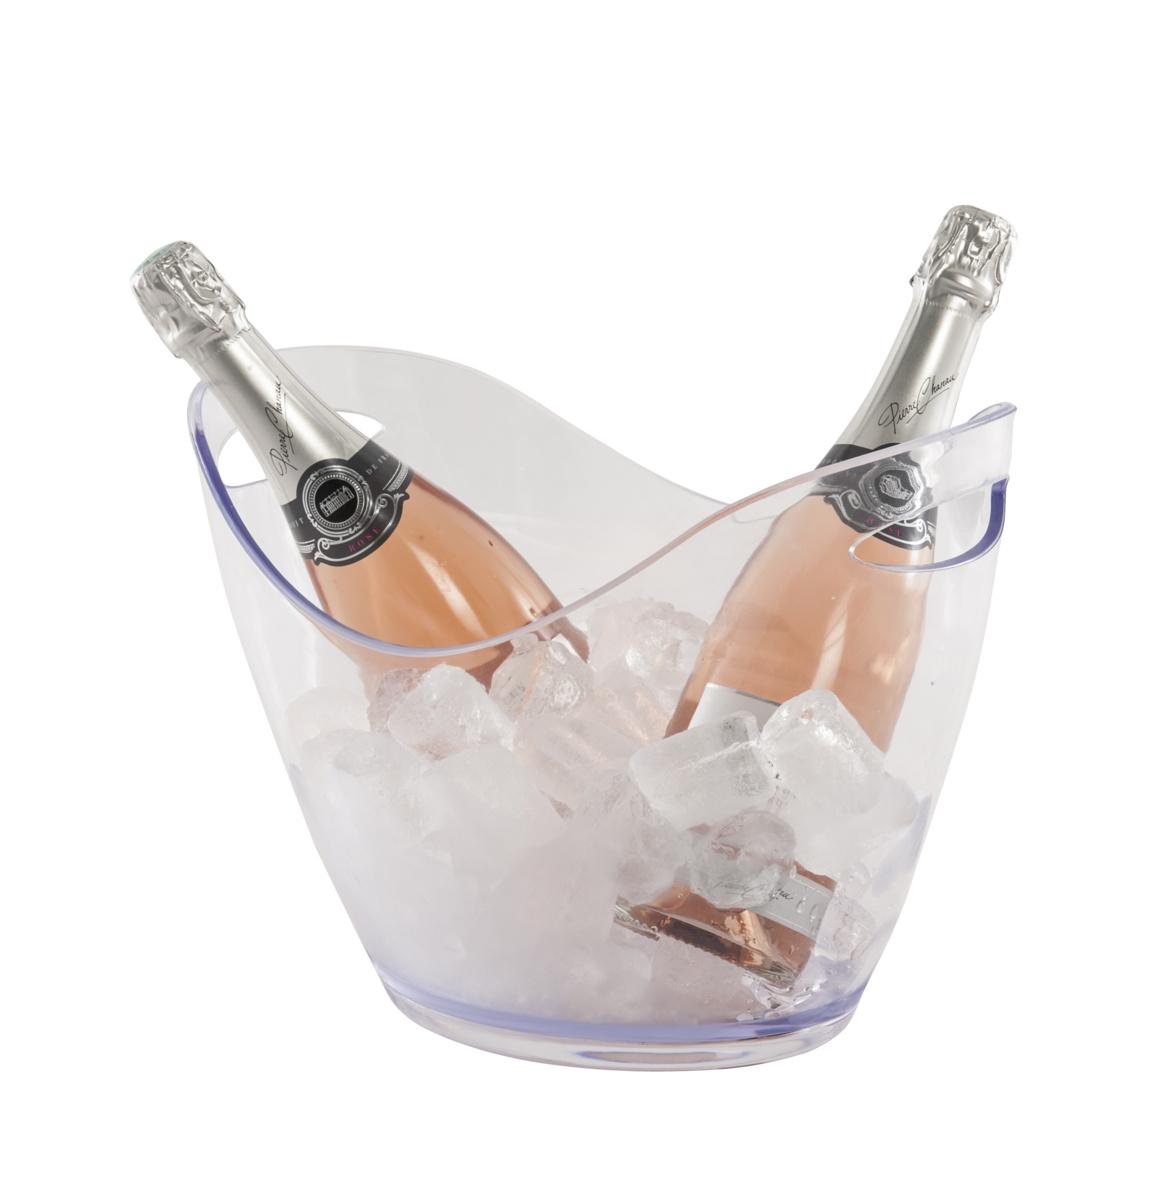 Vasque à bouteille transparente 35 cm 8 l Pro.mundi